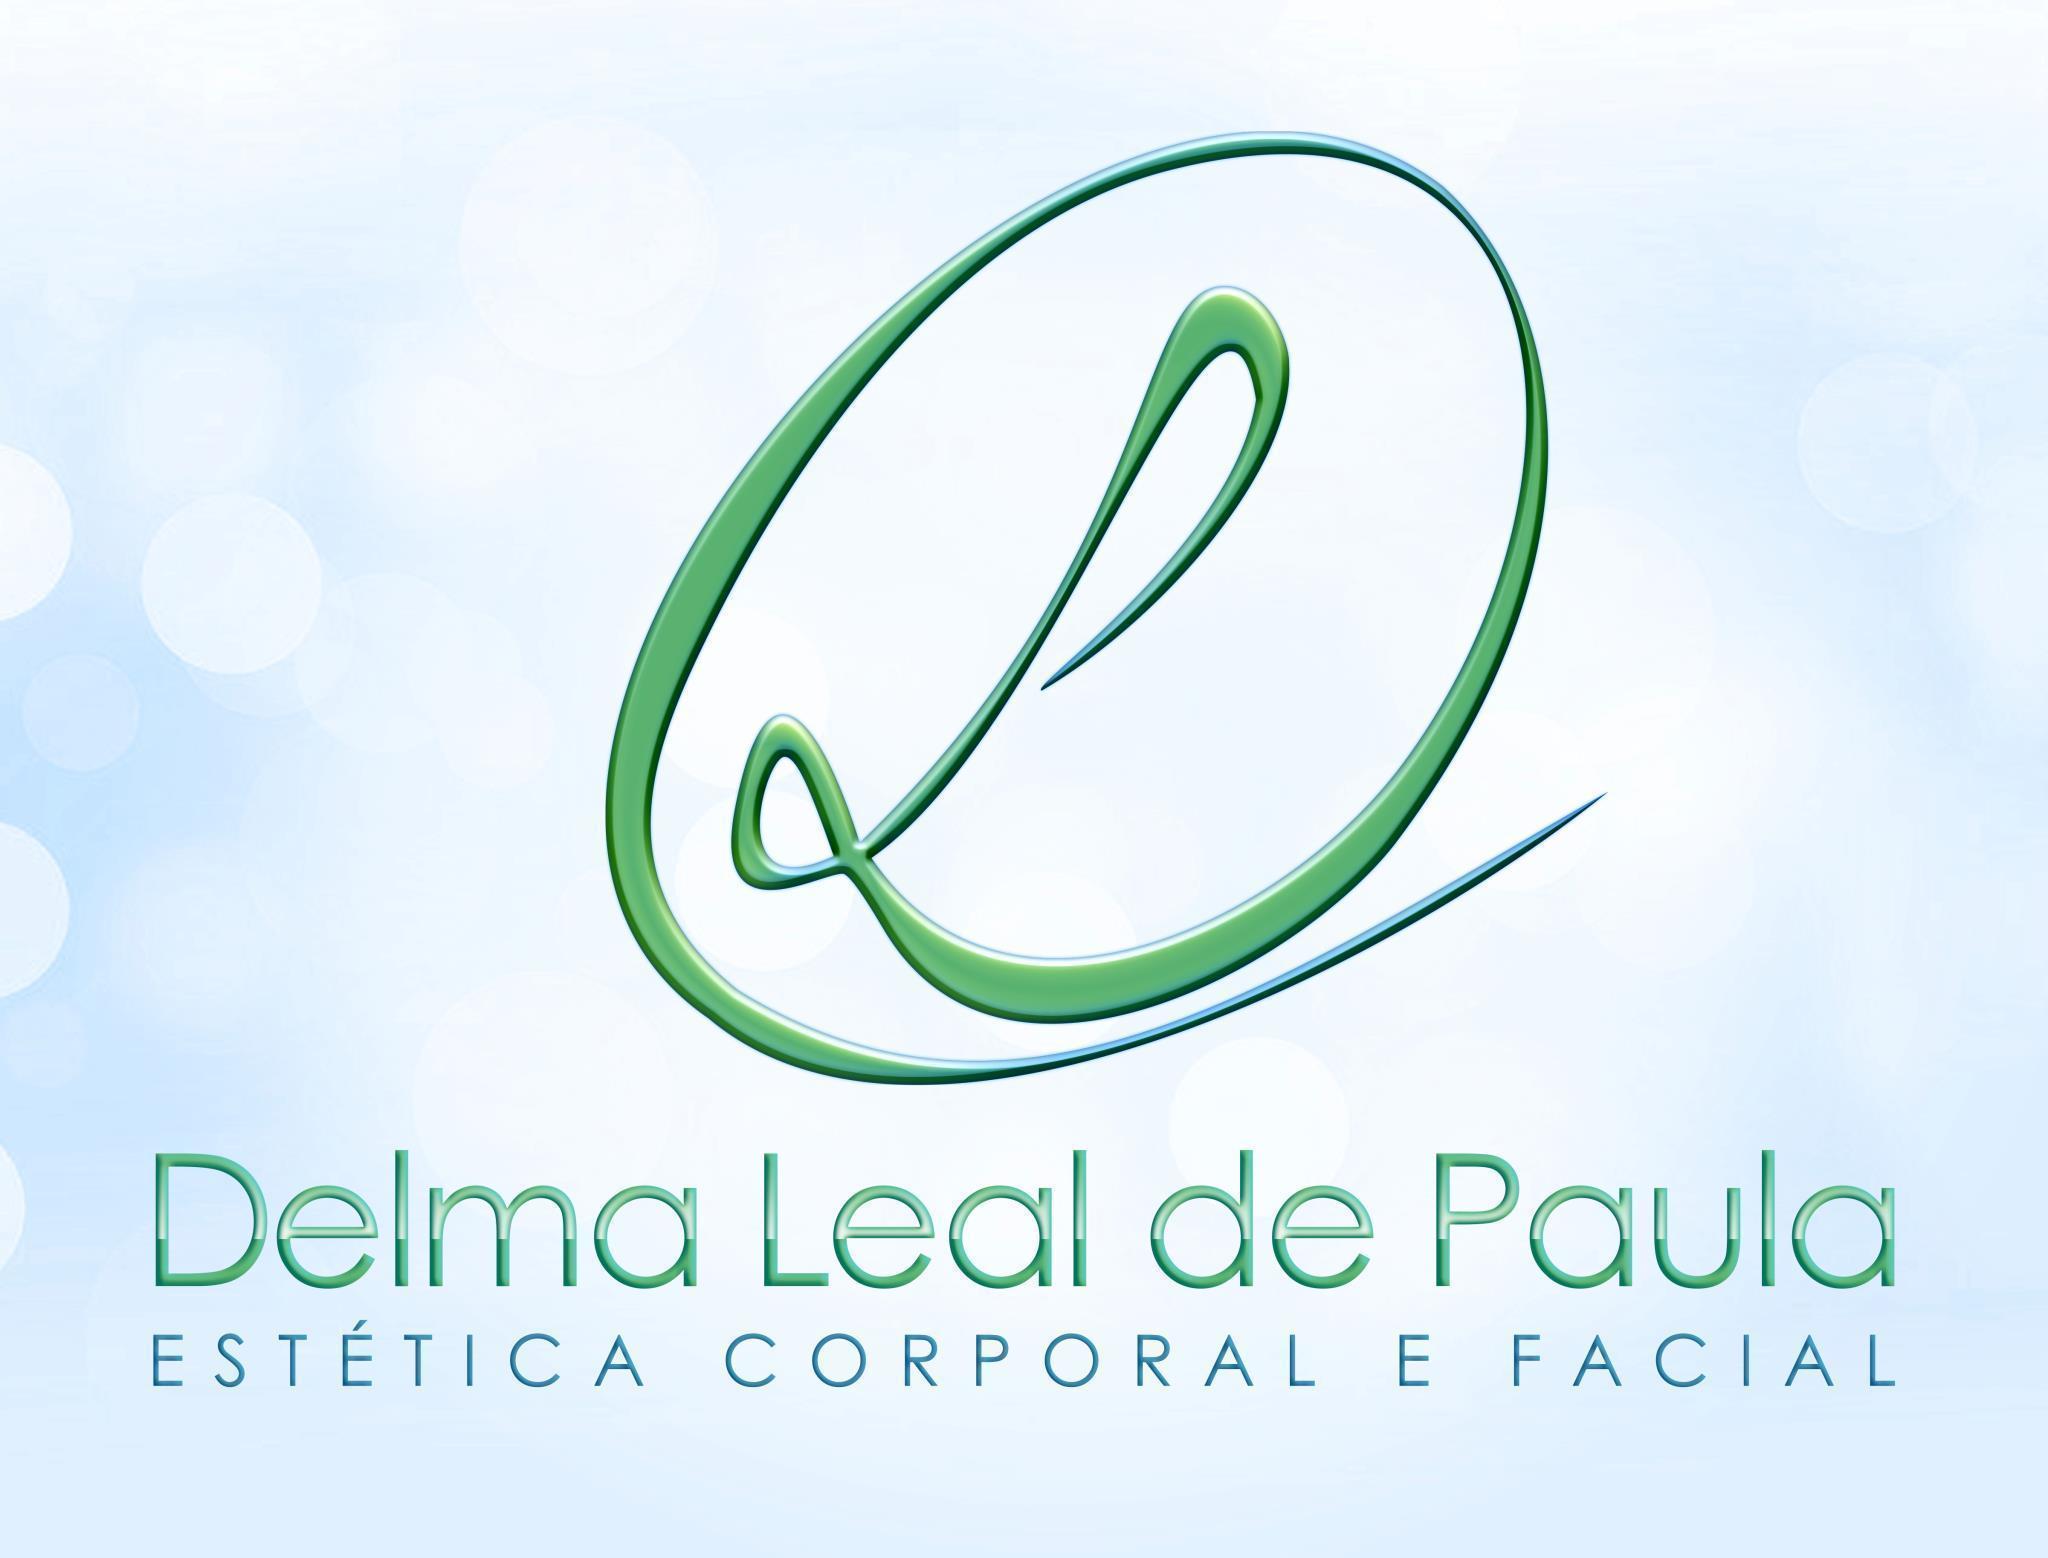 Estética Corporal e Facial ... Saúde & Bem-Estar ...Atuando a quase 10 anos para melhor Atende-los  Dedicação e Eficacia !!! esteticista